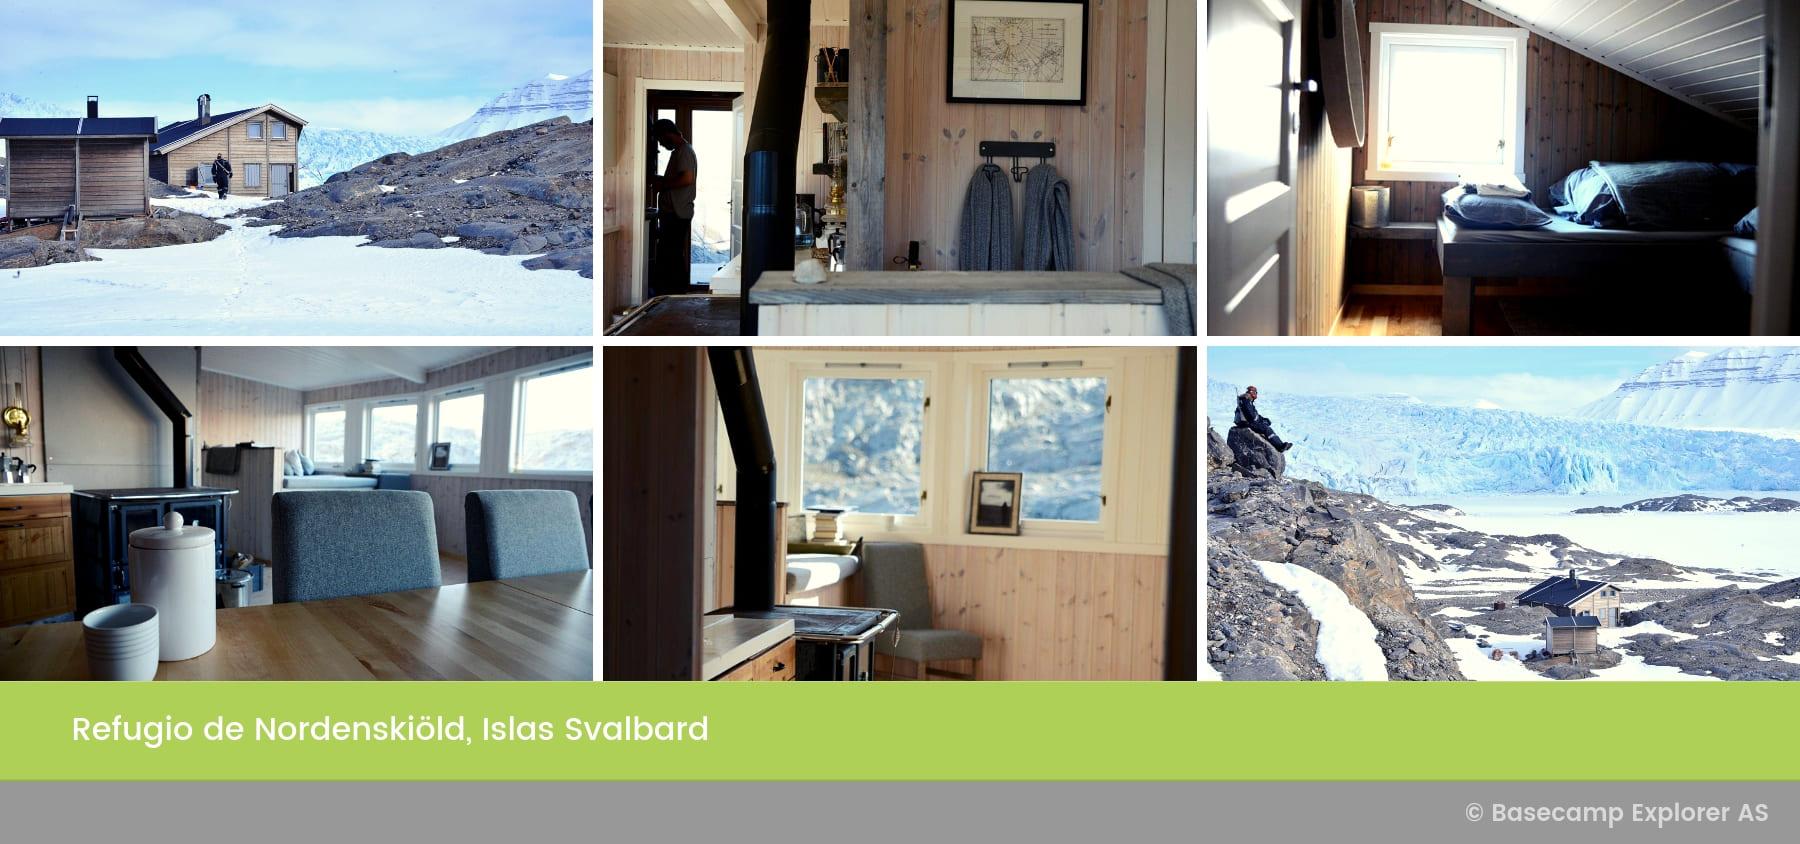 Refugio de Nordenskiöld, Islas Svalbard